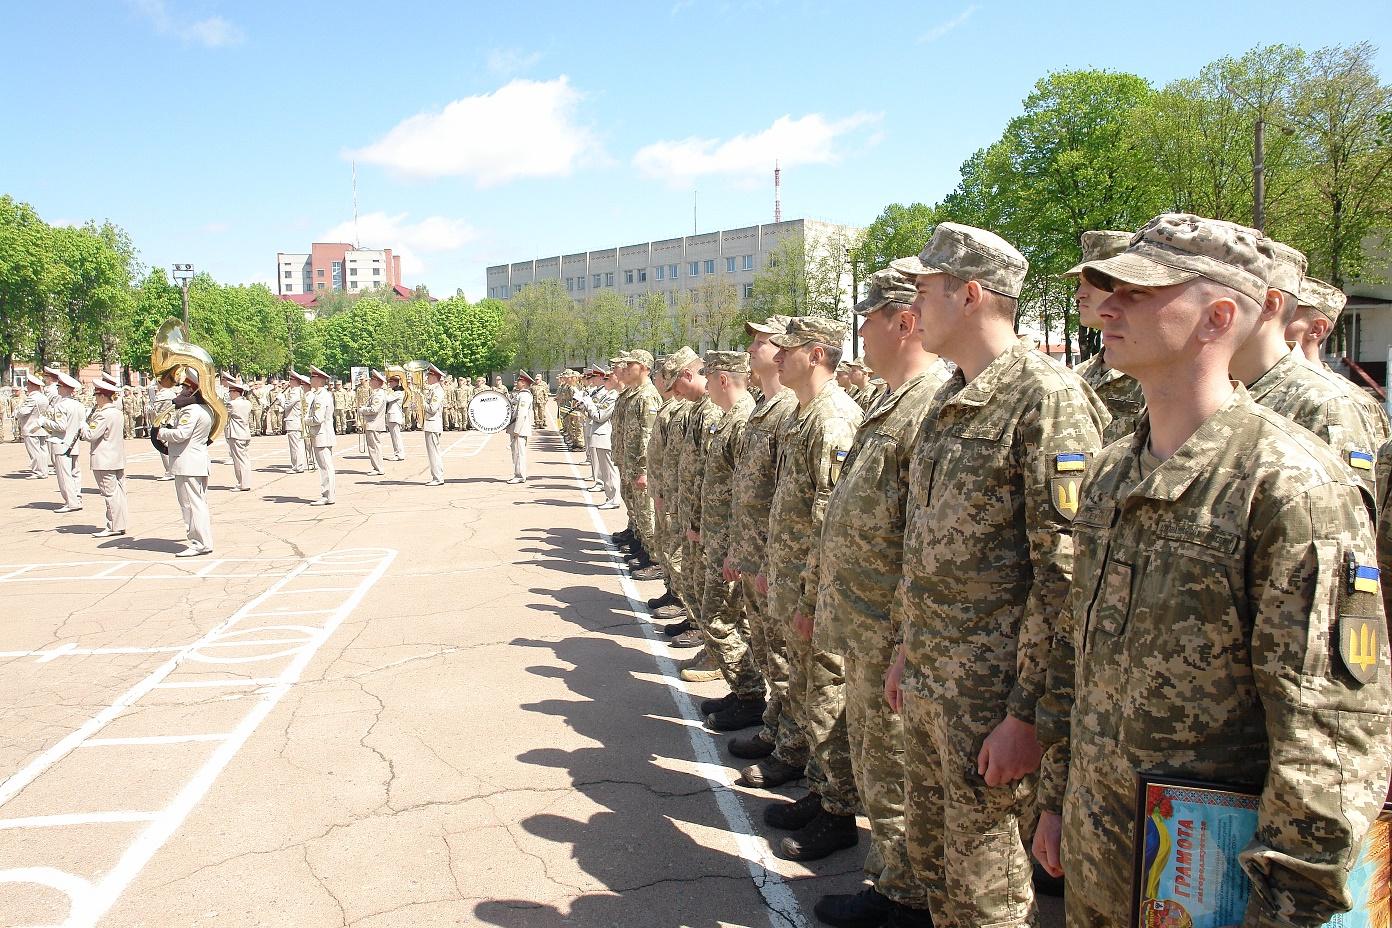 Військовослужбовці навчального центру Державної спеціальної служби транспорту відзначили день частини (Фото)